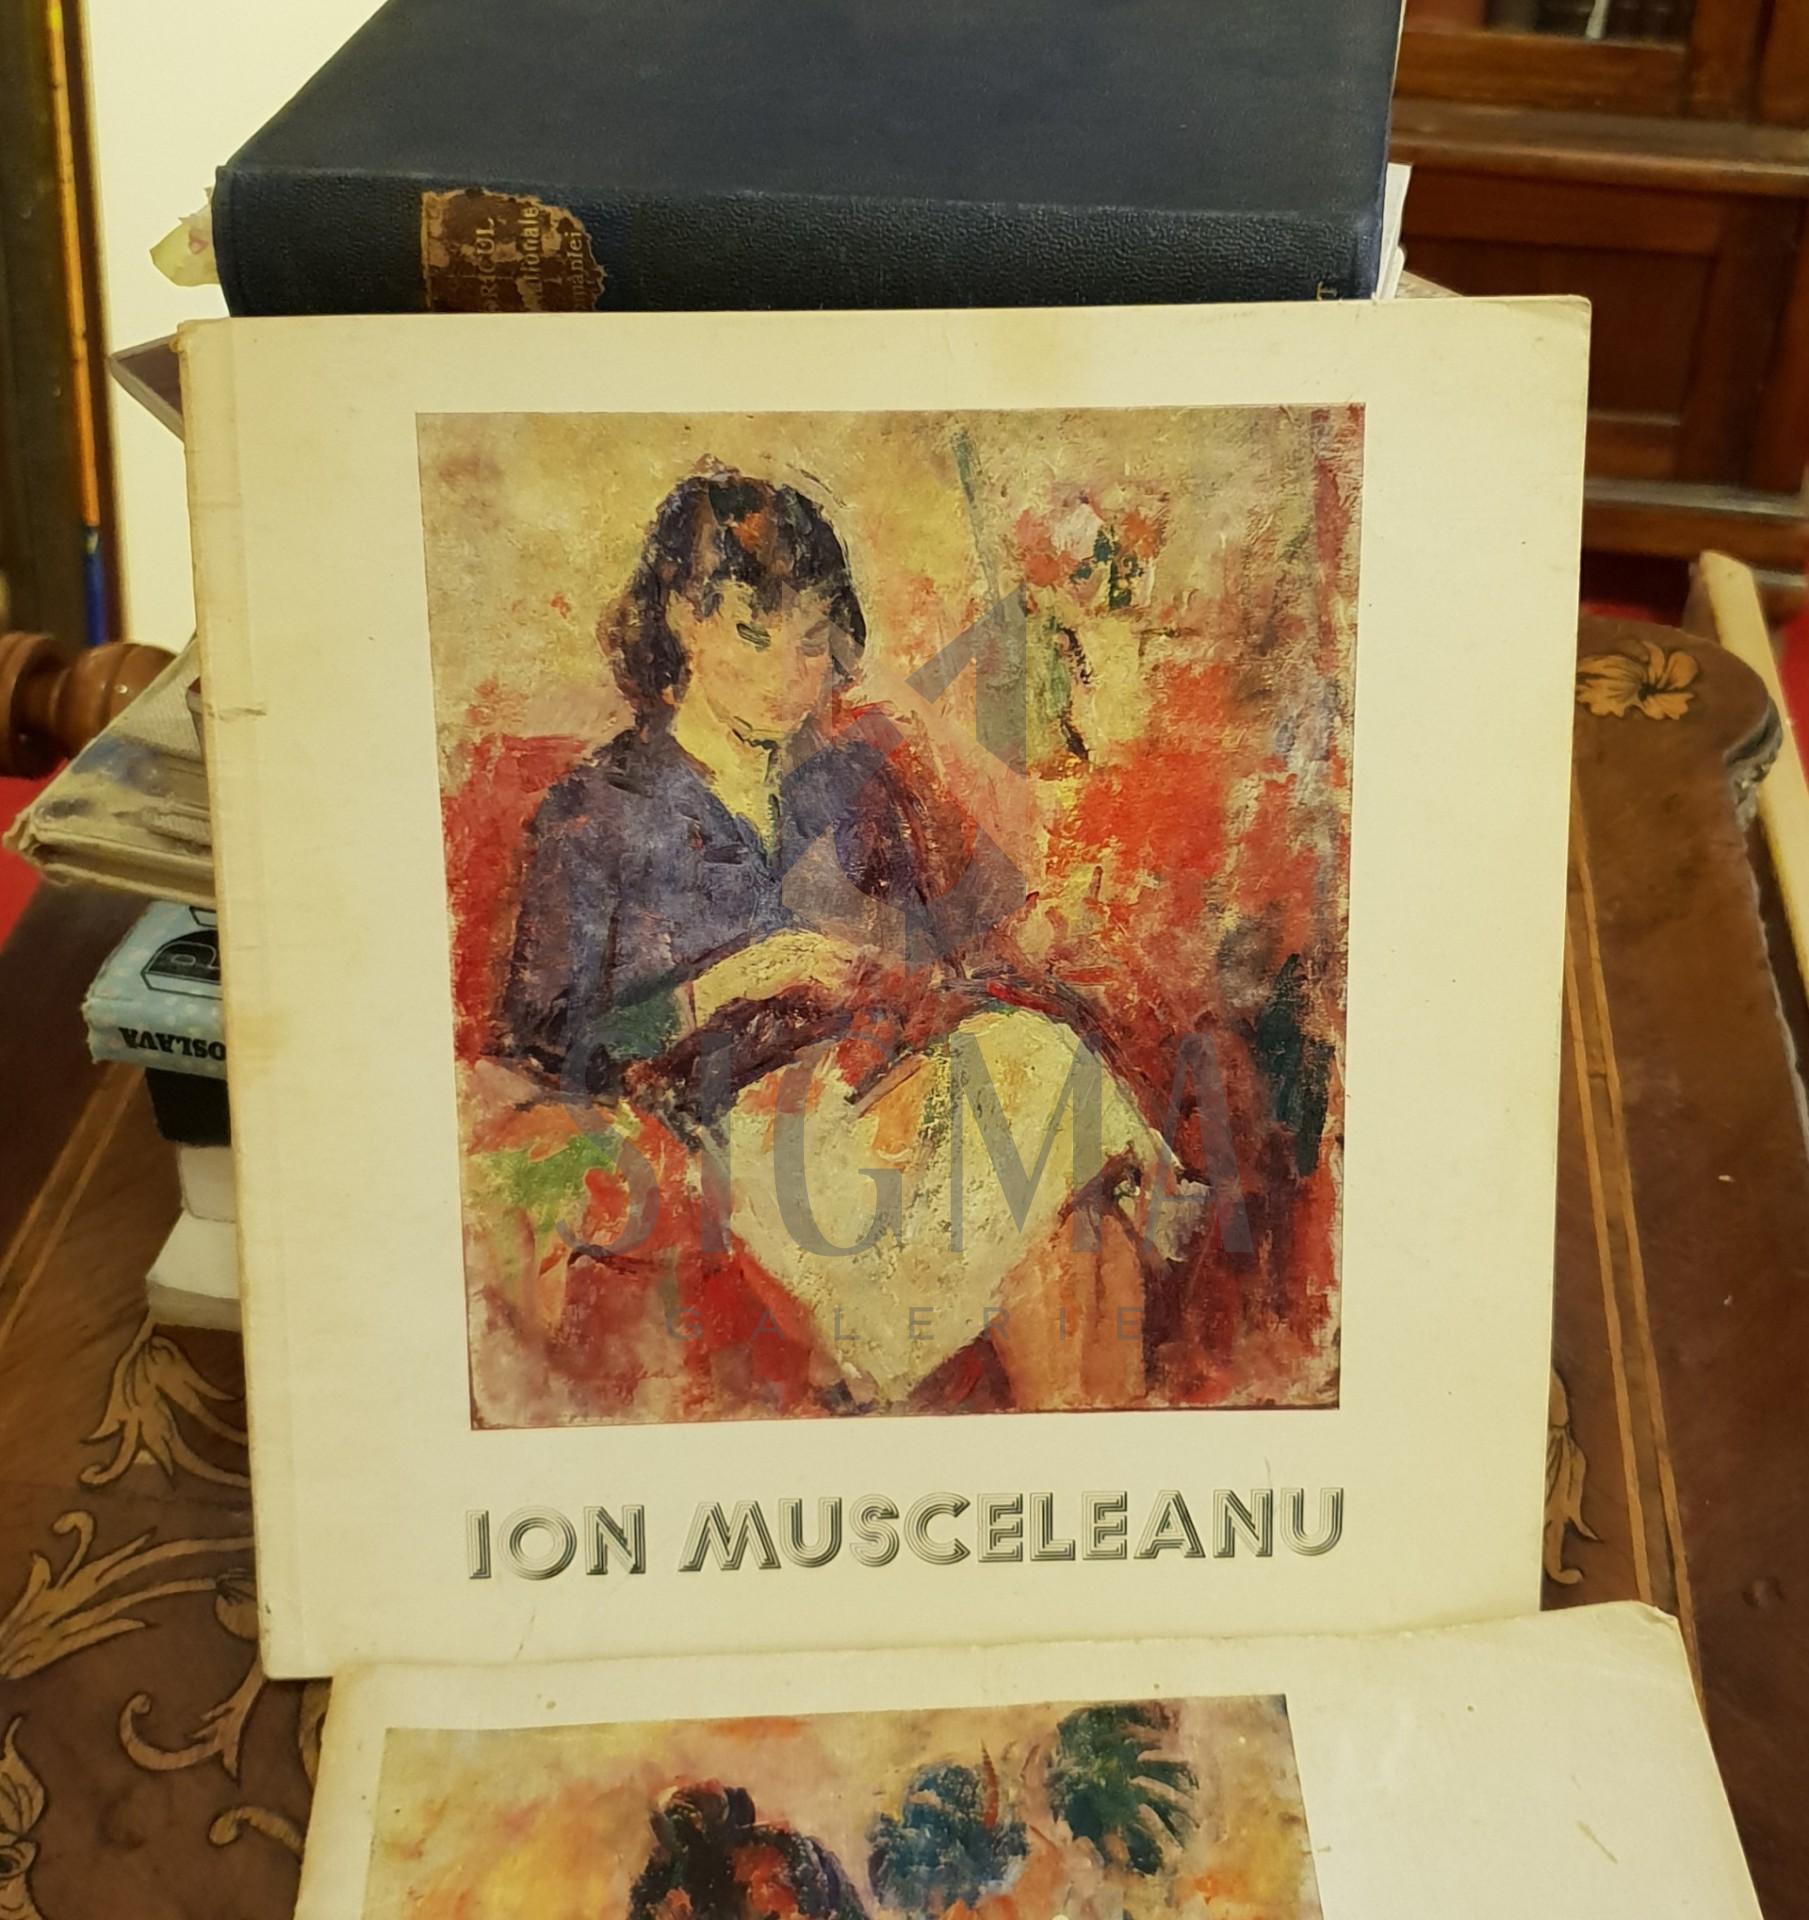 Ion Musceleanu  Catalogul expozitiei septembrie-octombrie 1983